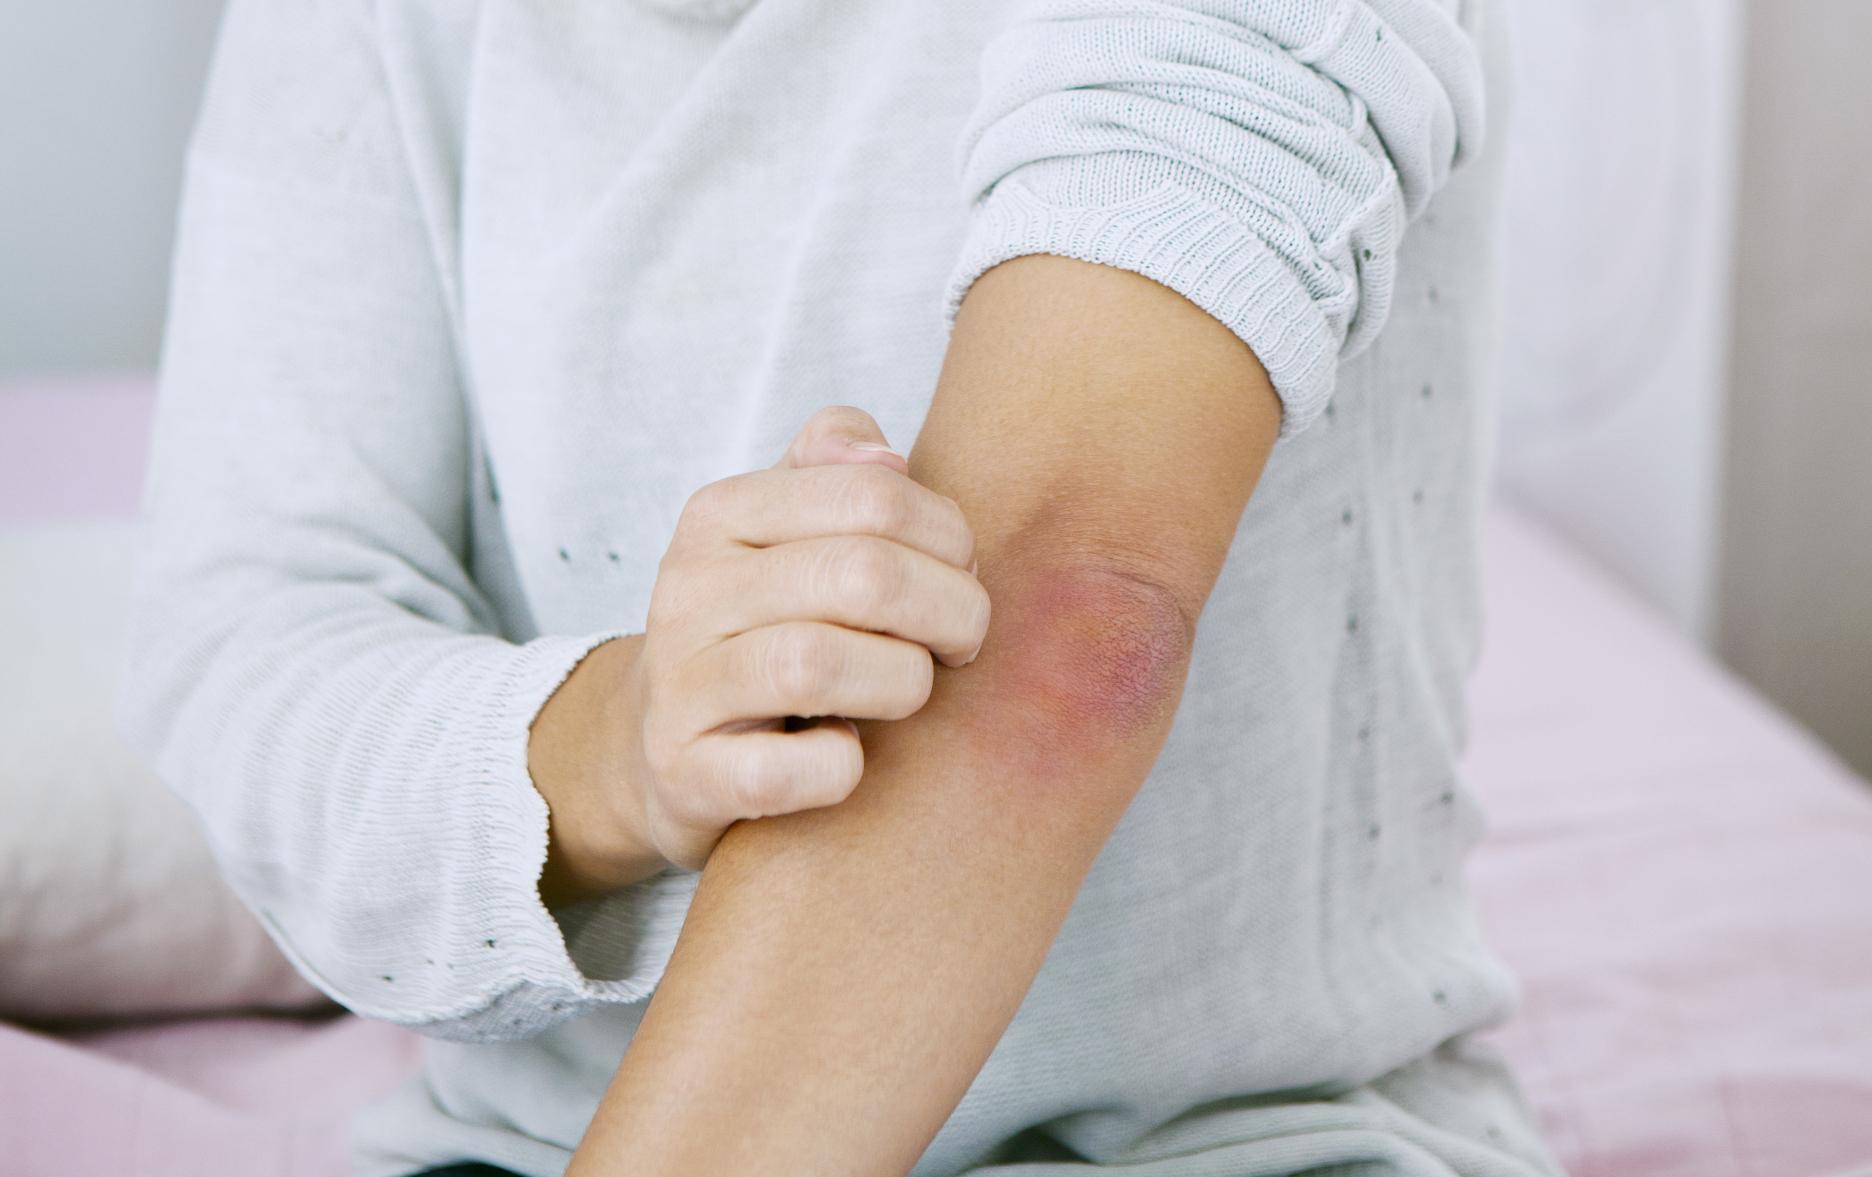 hogyan kell kezelni a kezt s az ujjak pikkelysömörét